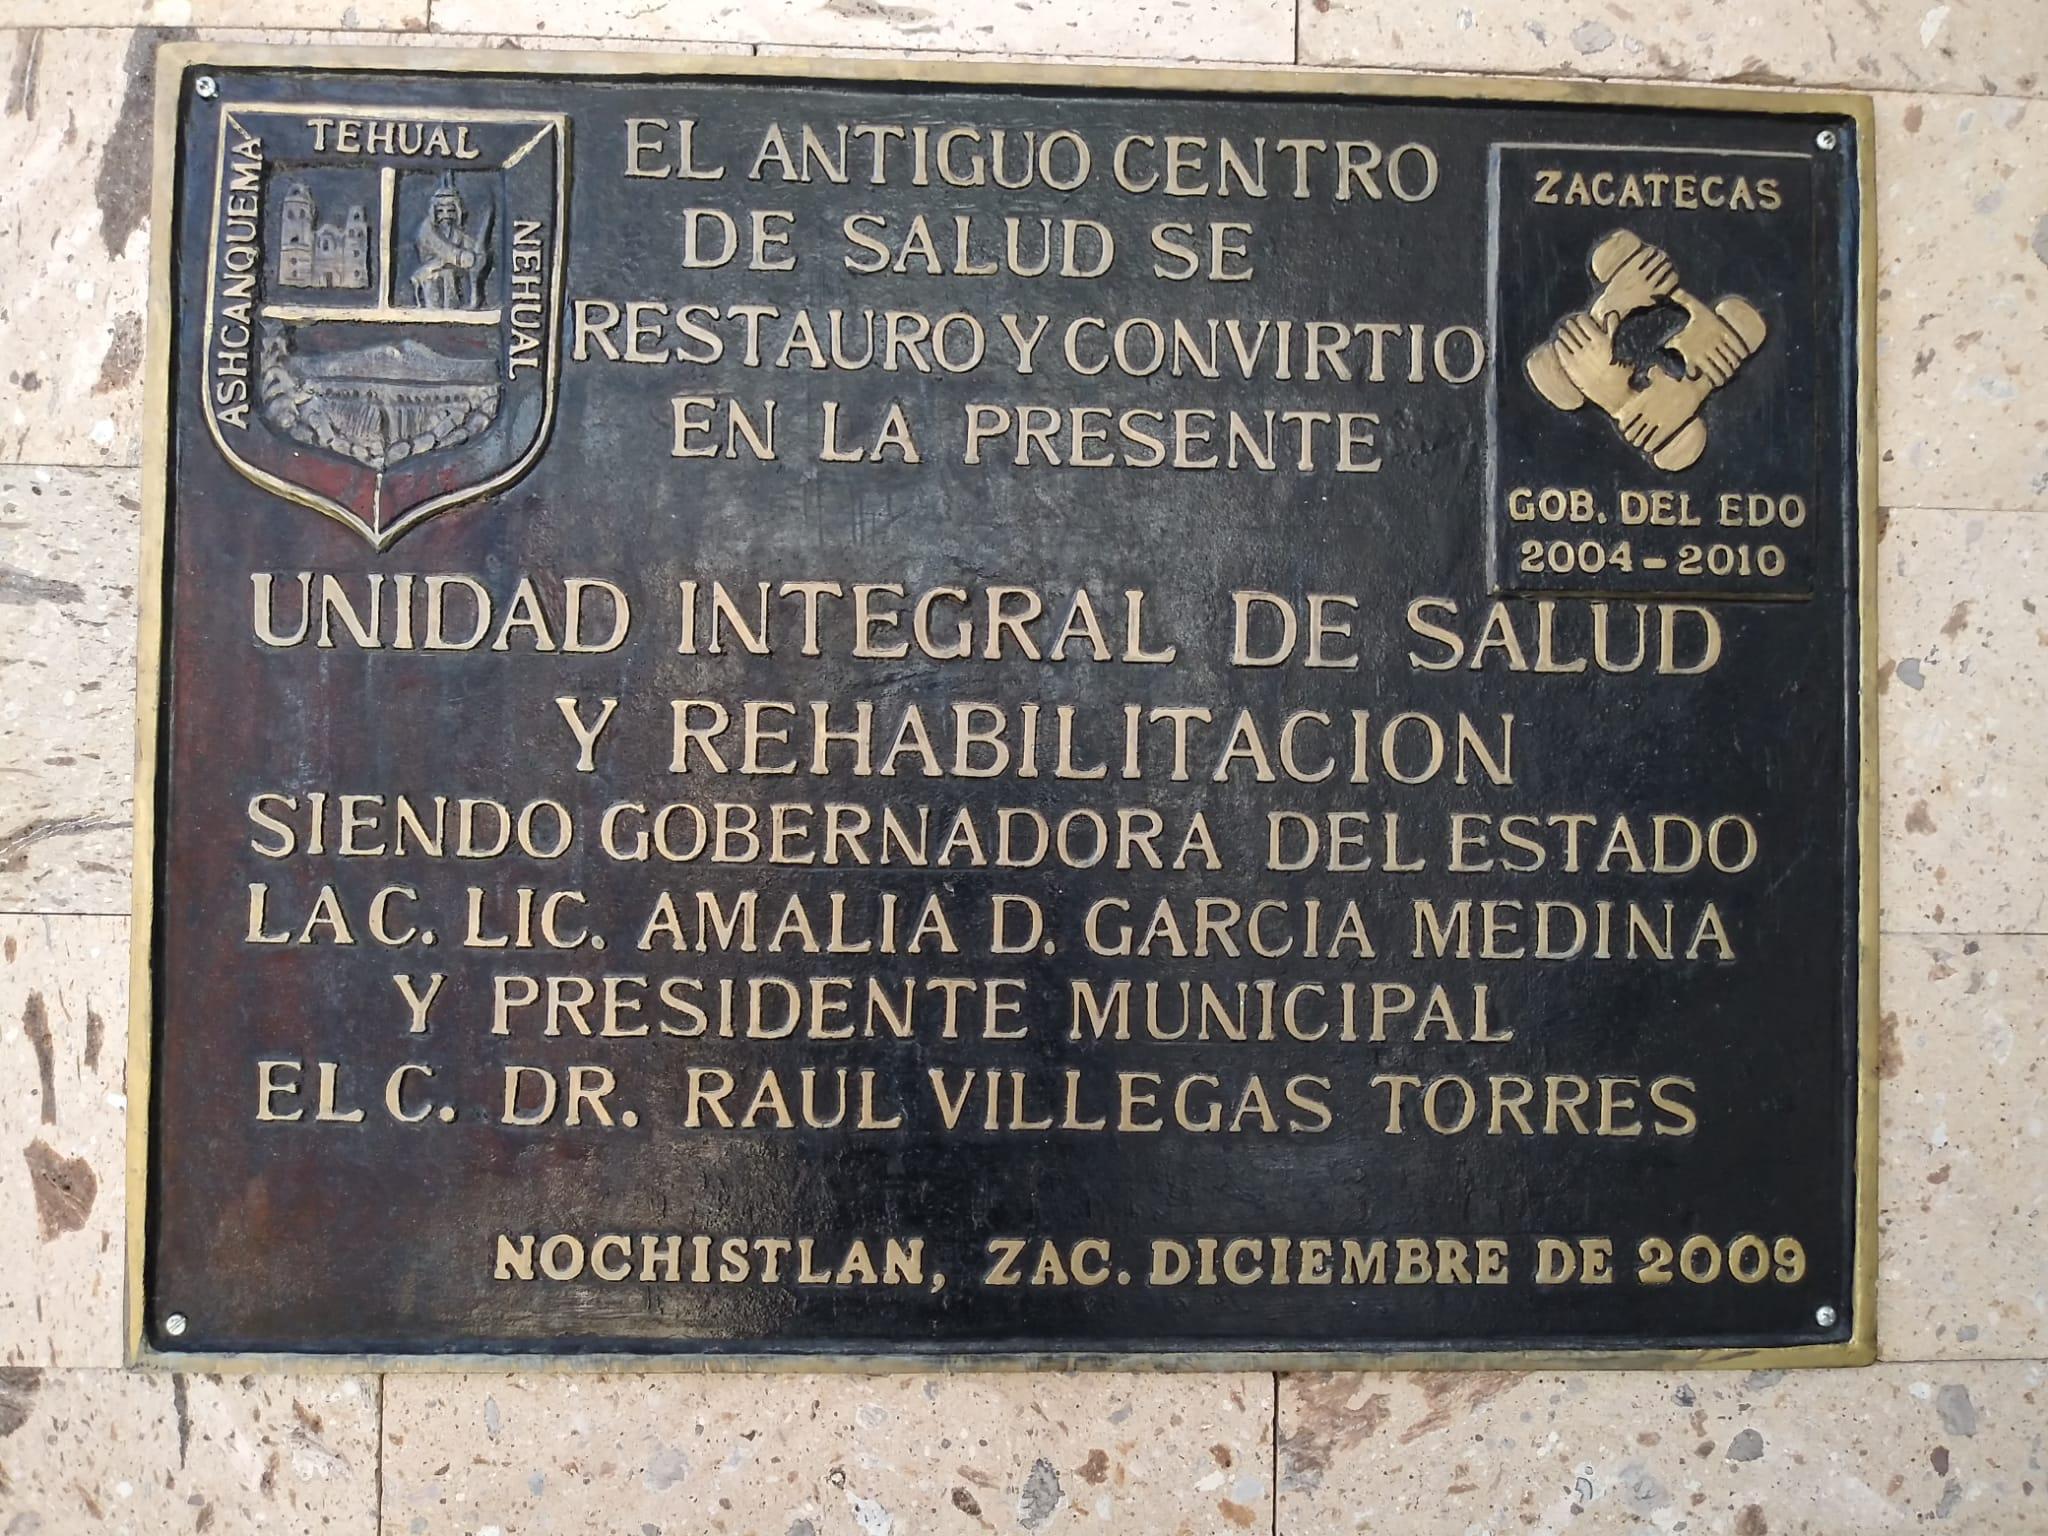 La placa de la Unidad Integral de Salud y Rehabilitación que omite la participación de los migrantes en el proyecto